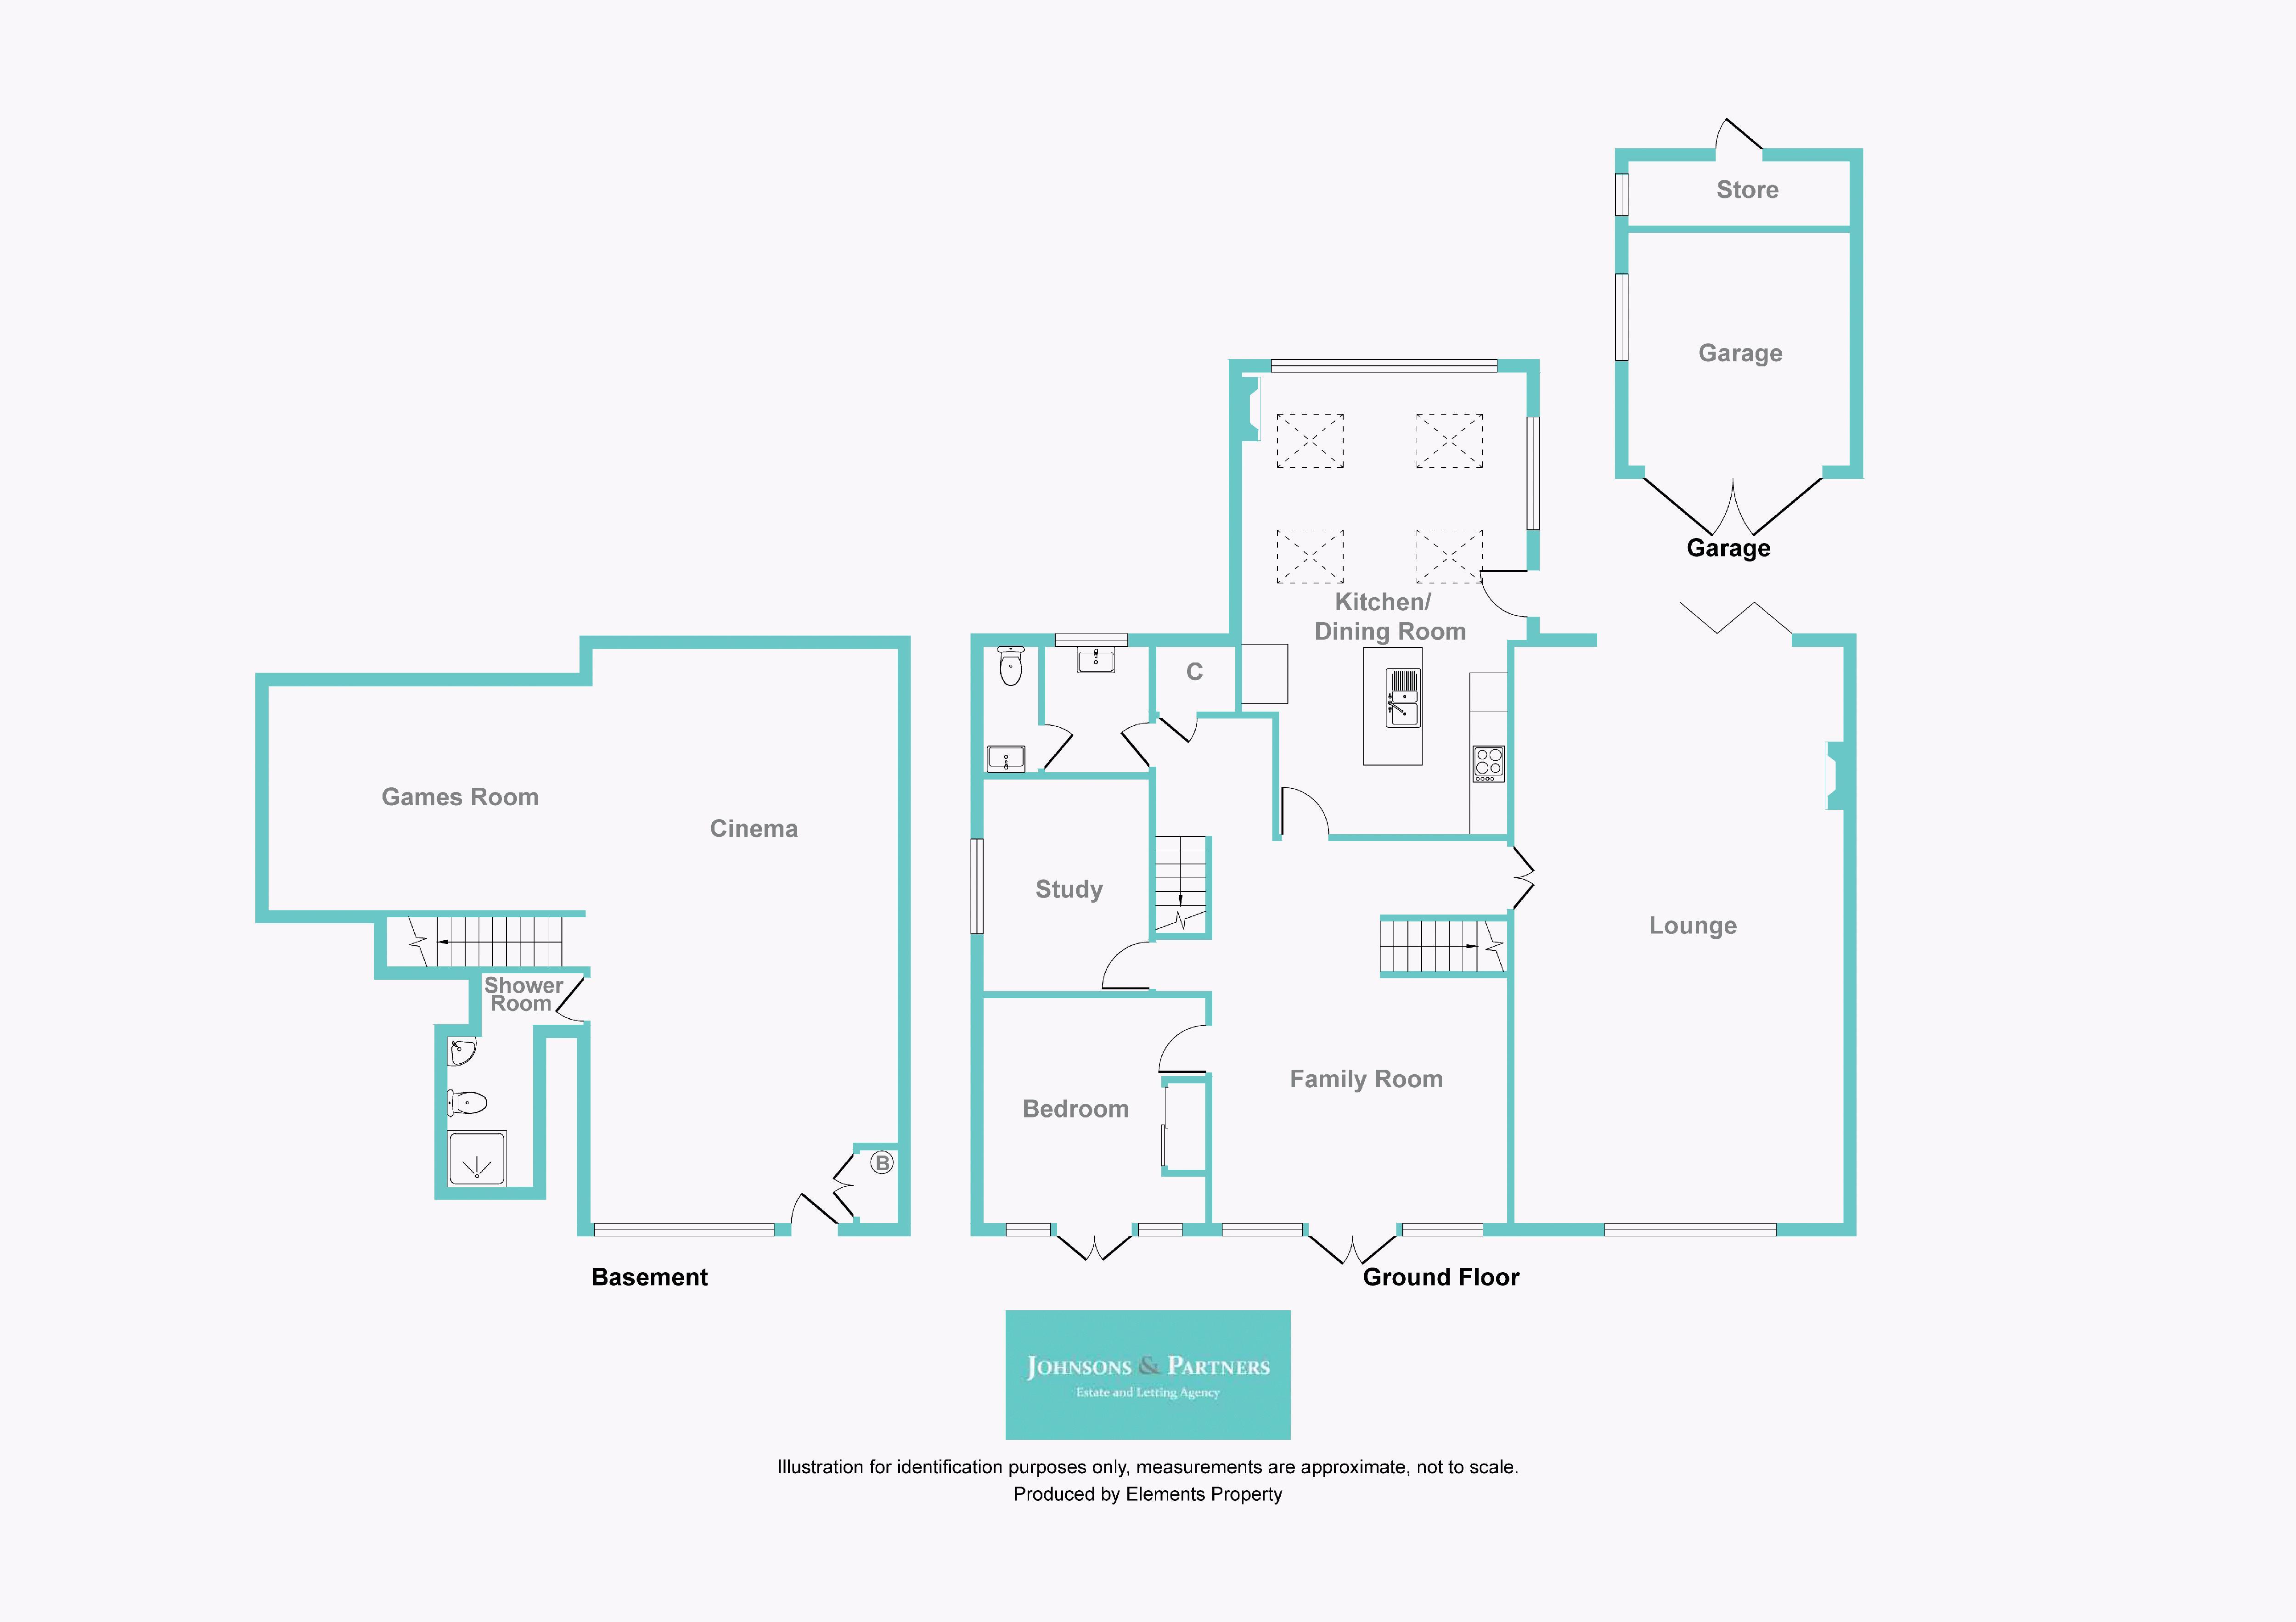 Basement - Ground Floor